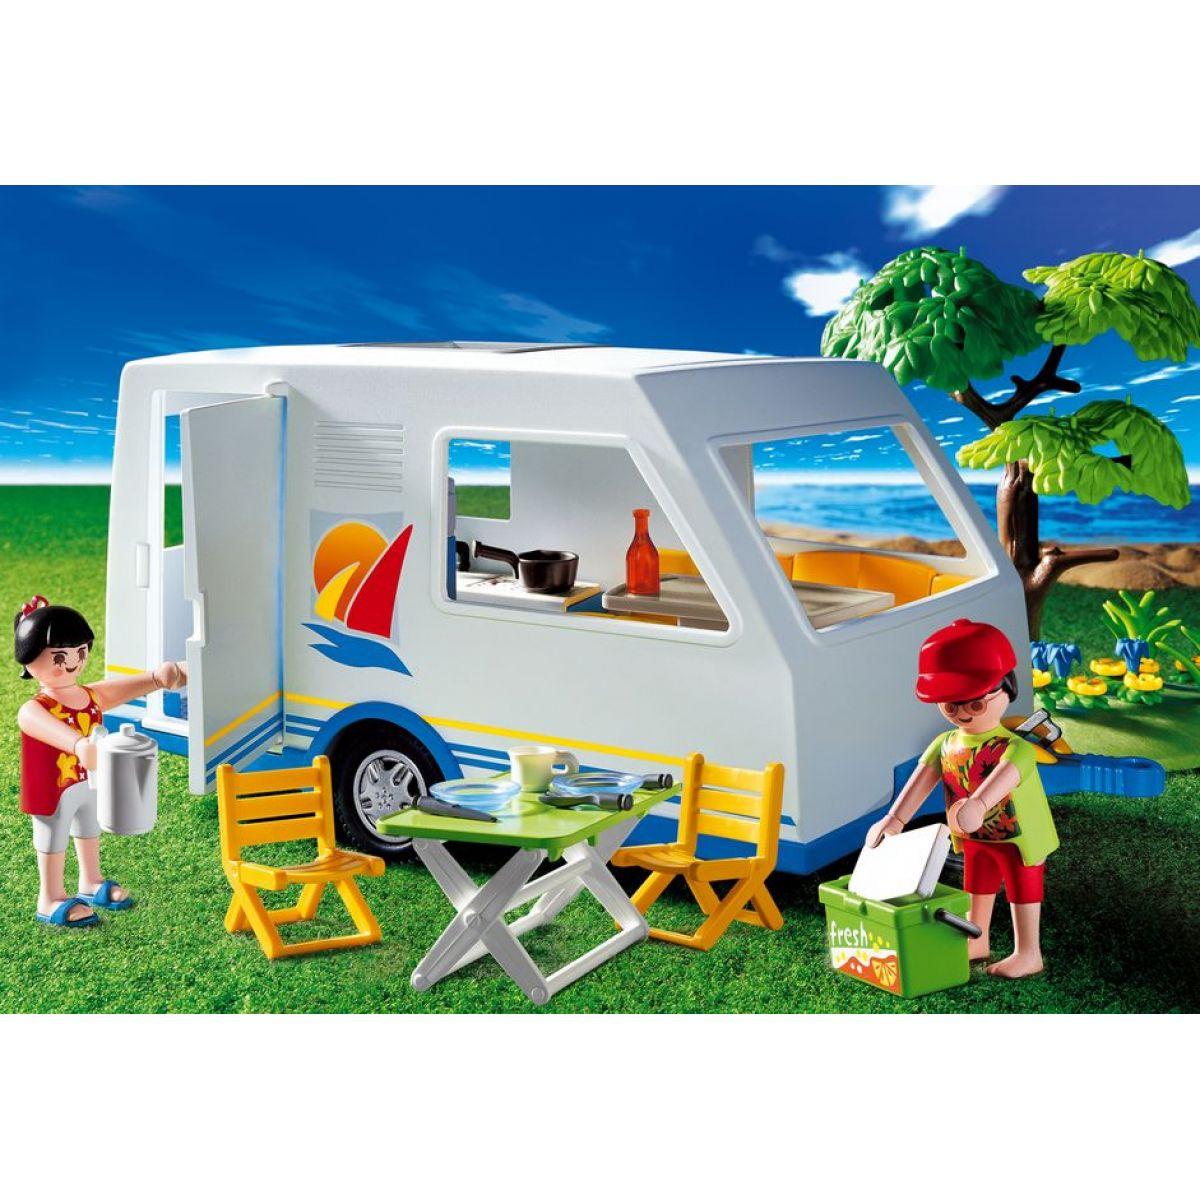 Playmobil 3236 - Obytný přívěs